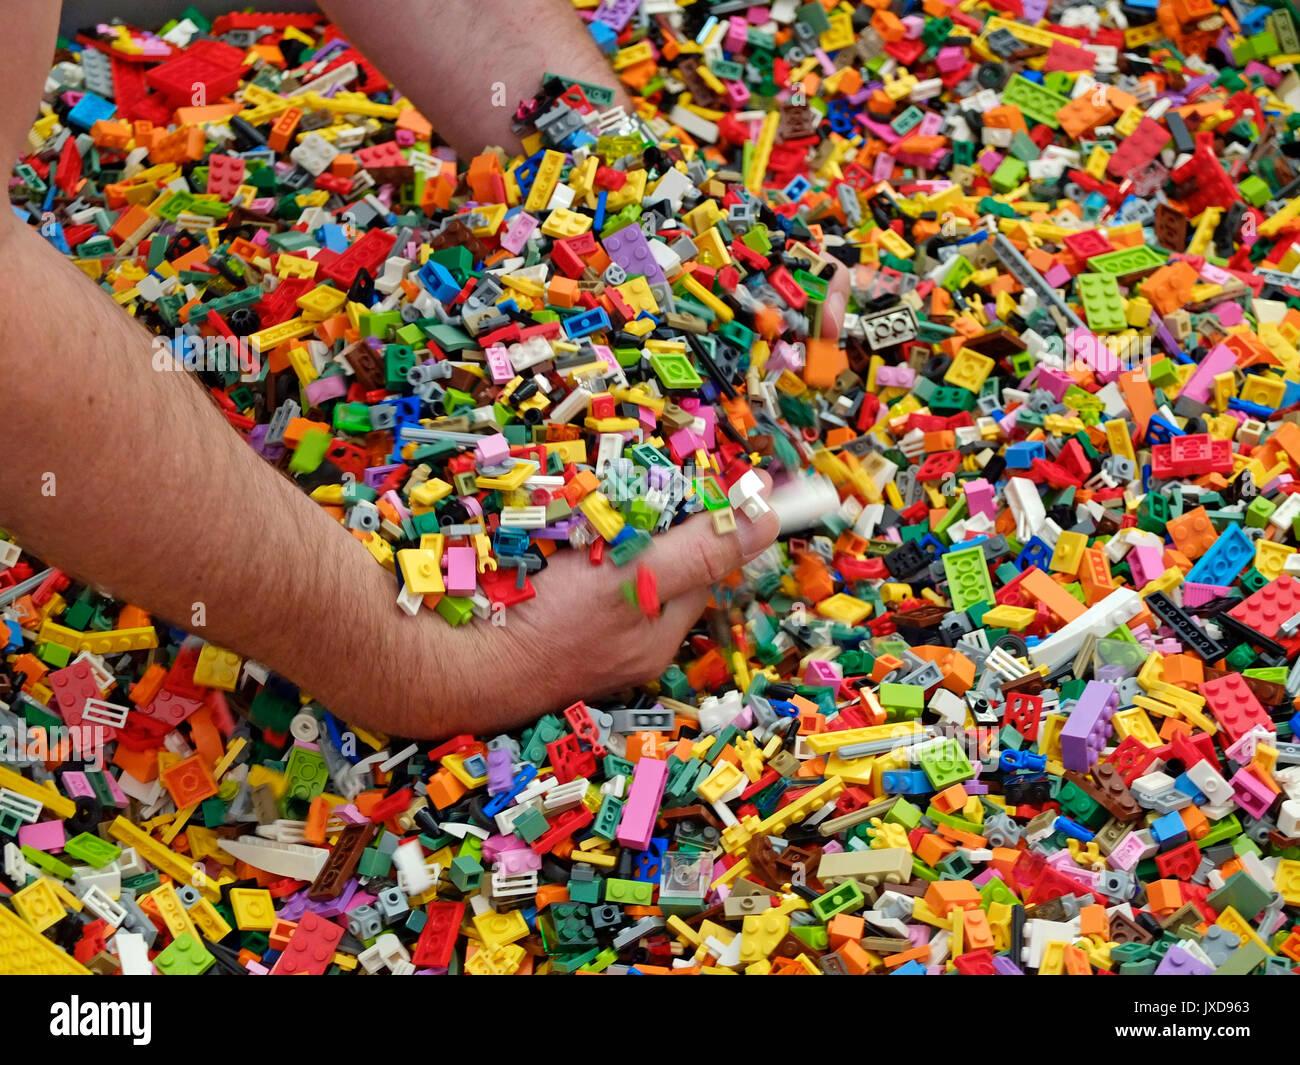 10.08.2017, Legoland Günzburg in Bayern, Ein Besucher greift in die große Schütte mit den bunten Legosteinen. (Modelreleased) Stock Photo